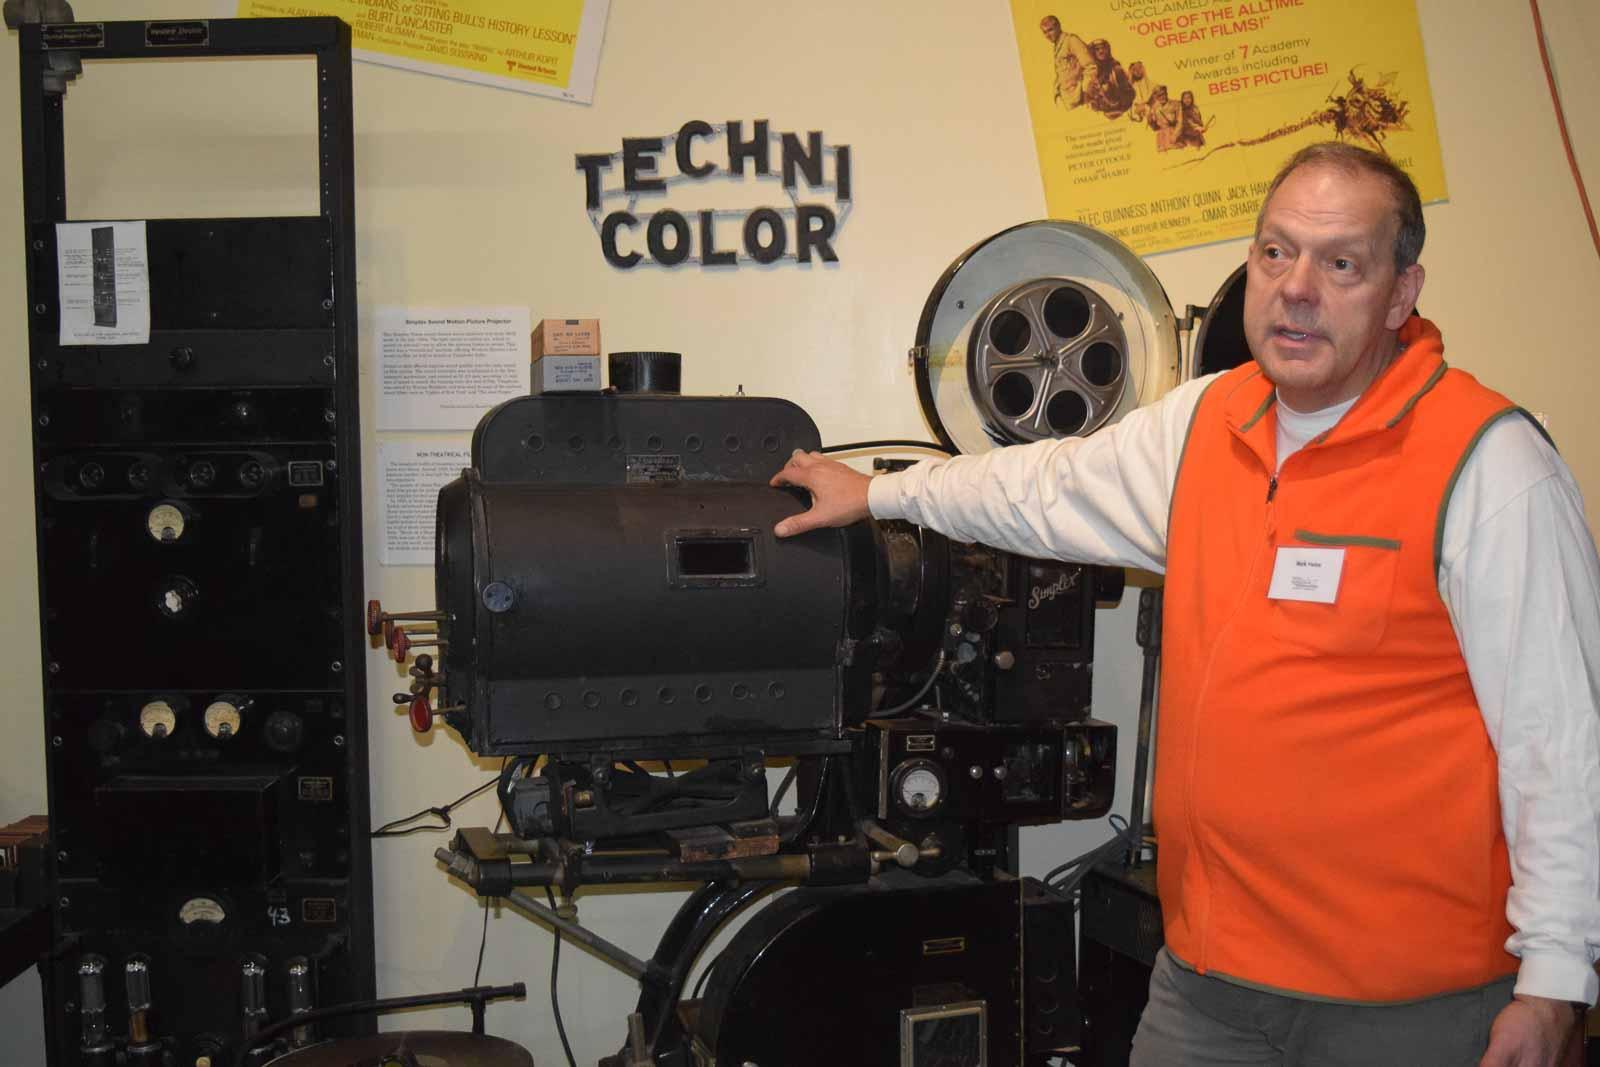 antique radio museum of connecticut 1 2 - The Connecticut Radio Museum